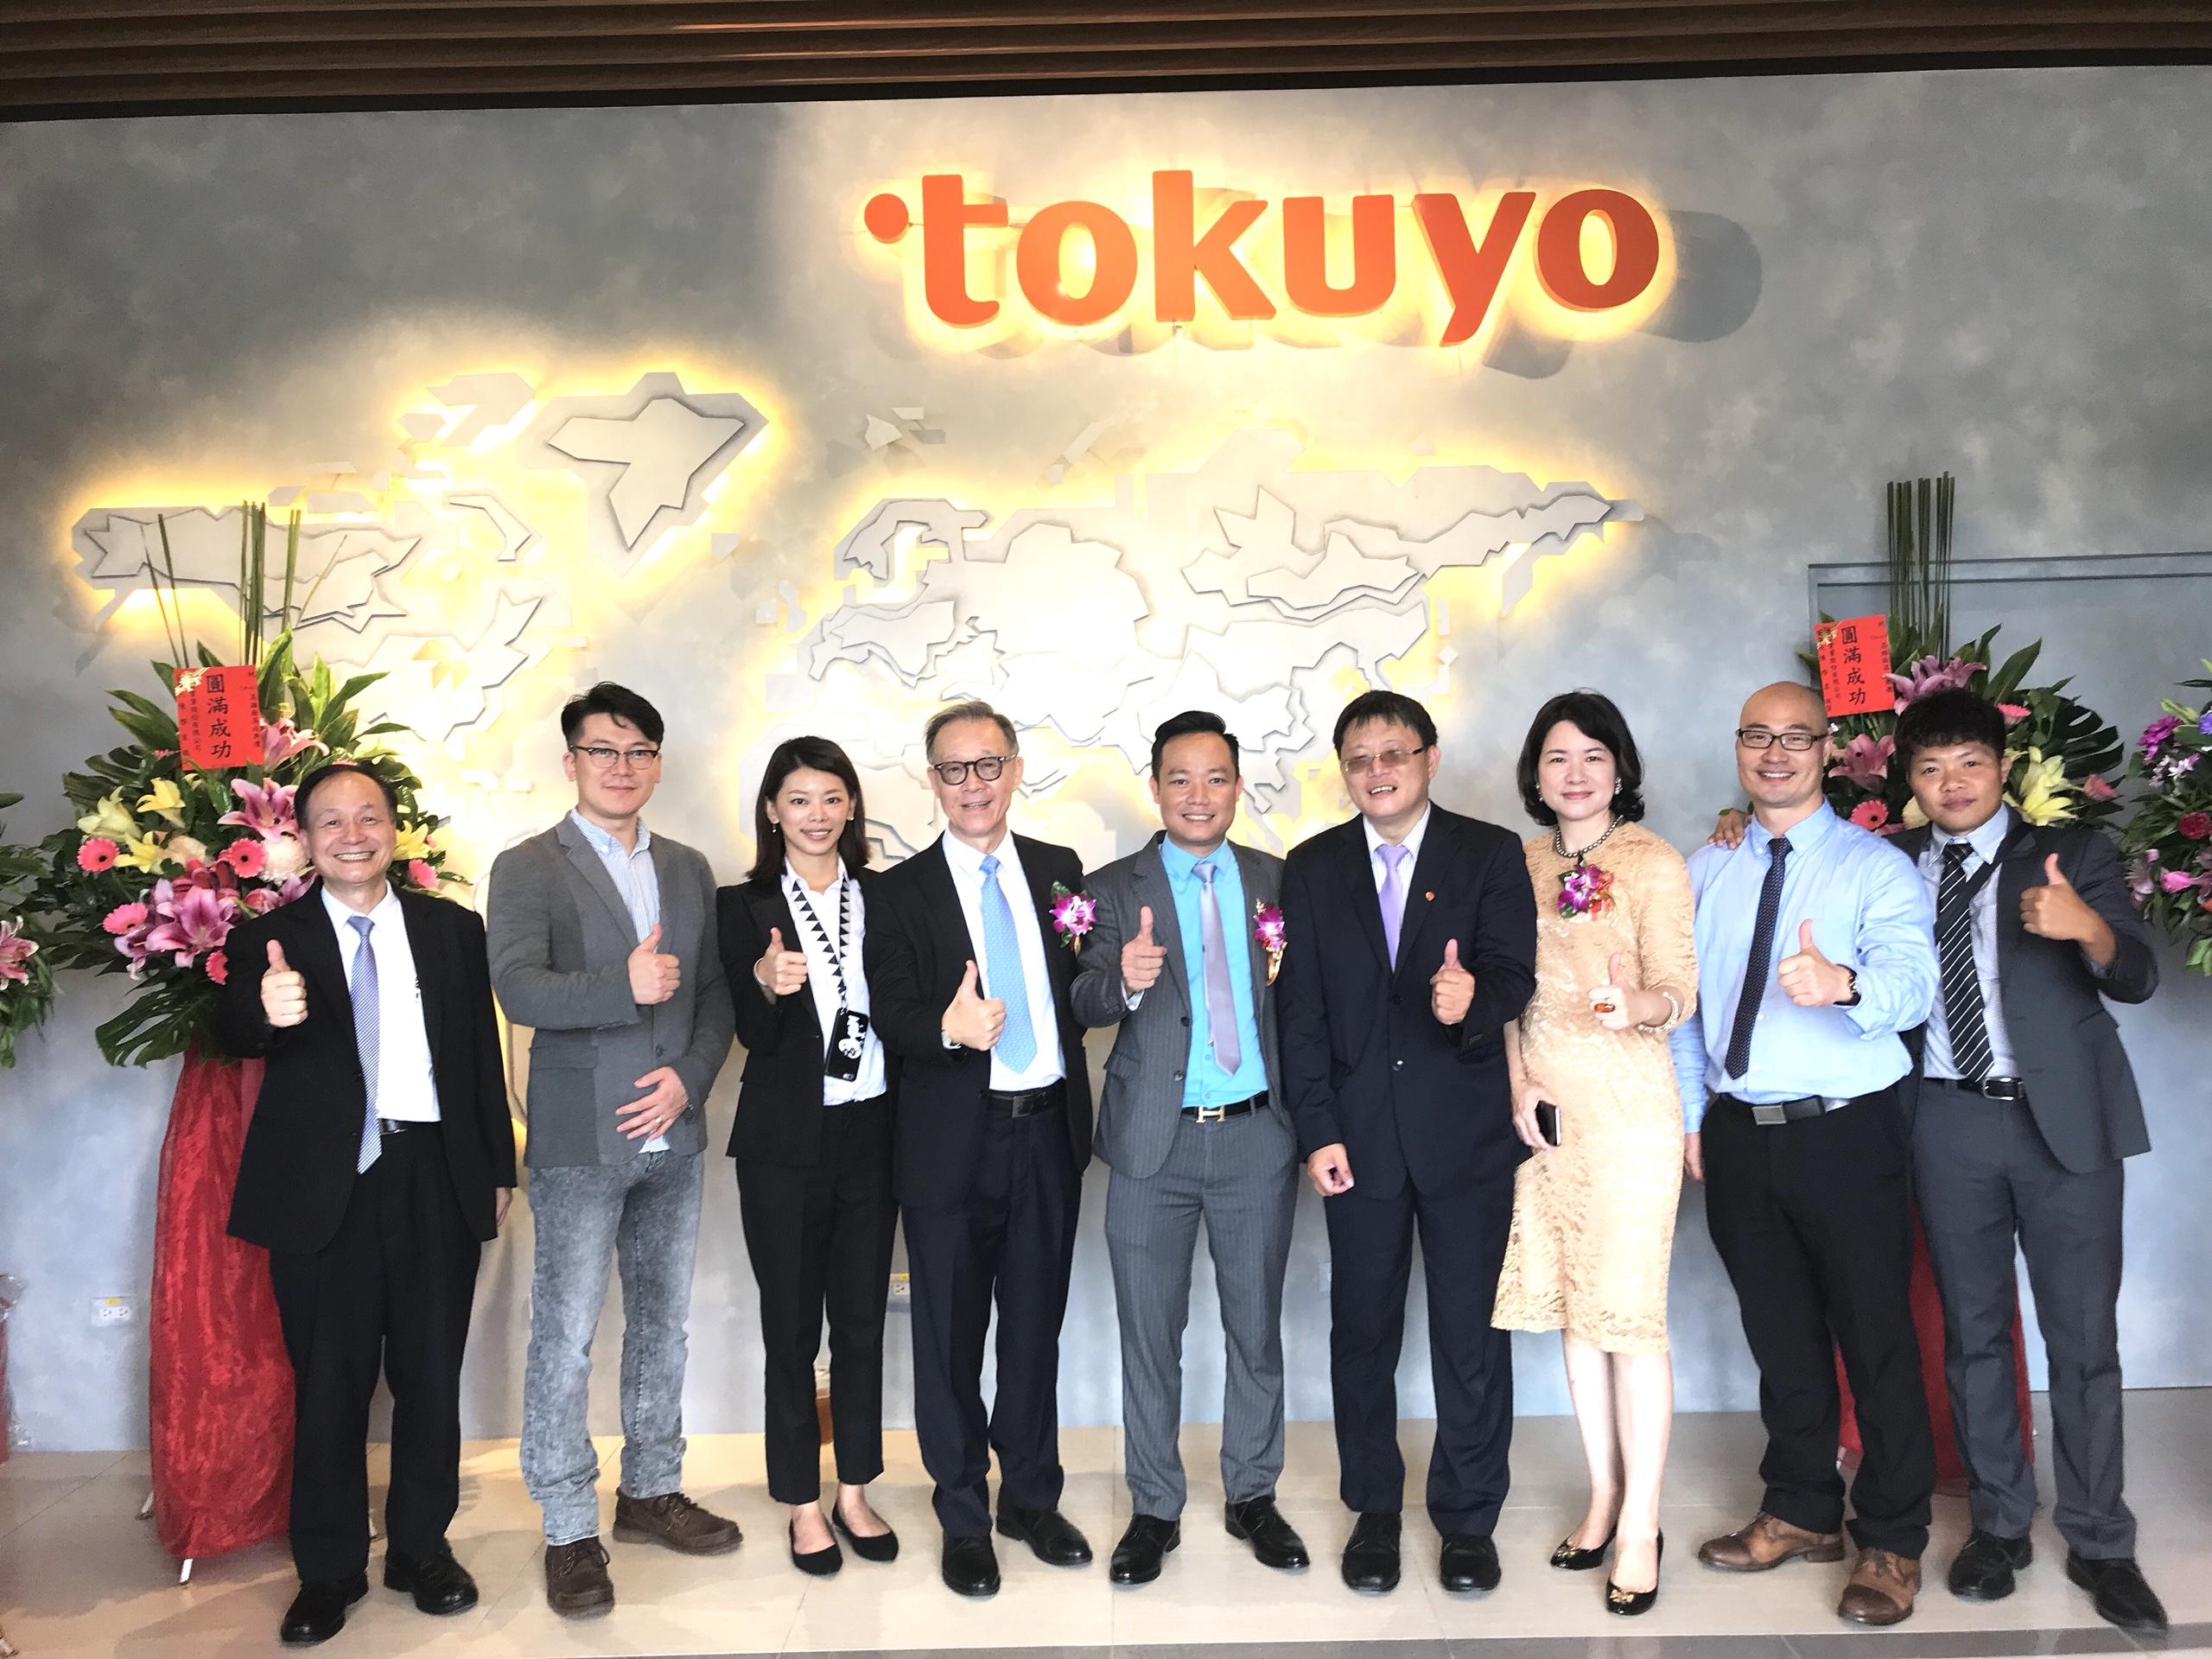 Tokuyo tưng bừng khai trương nhà máy sản xuất tại Cao Hùng - Đài Loan